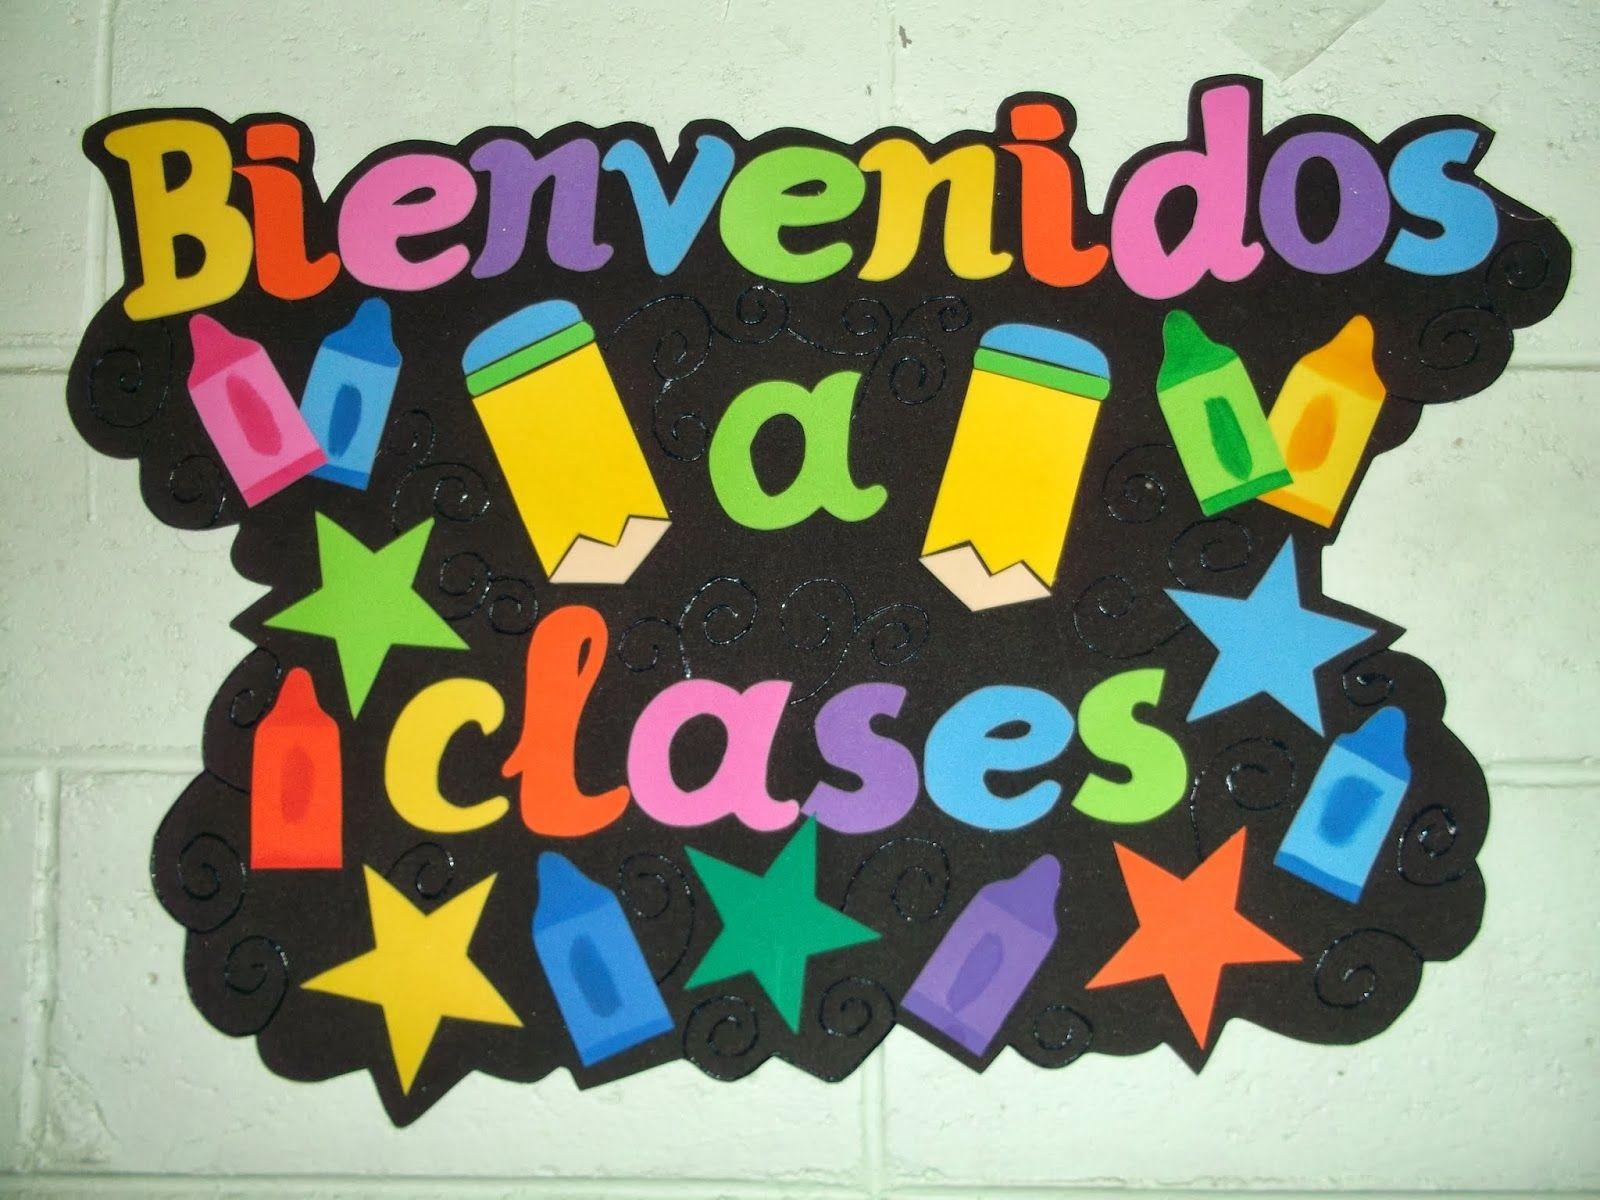 Cartel de bienvenidos a clases hechos en foami Imagui